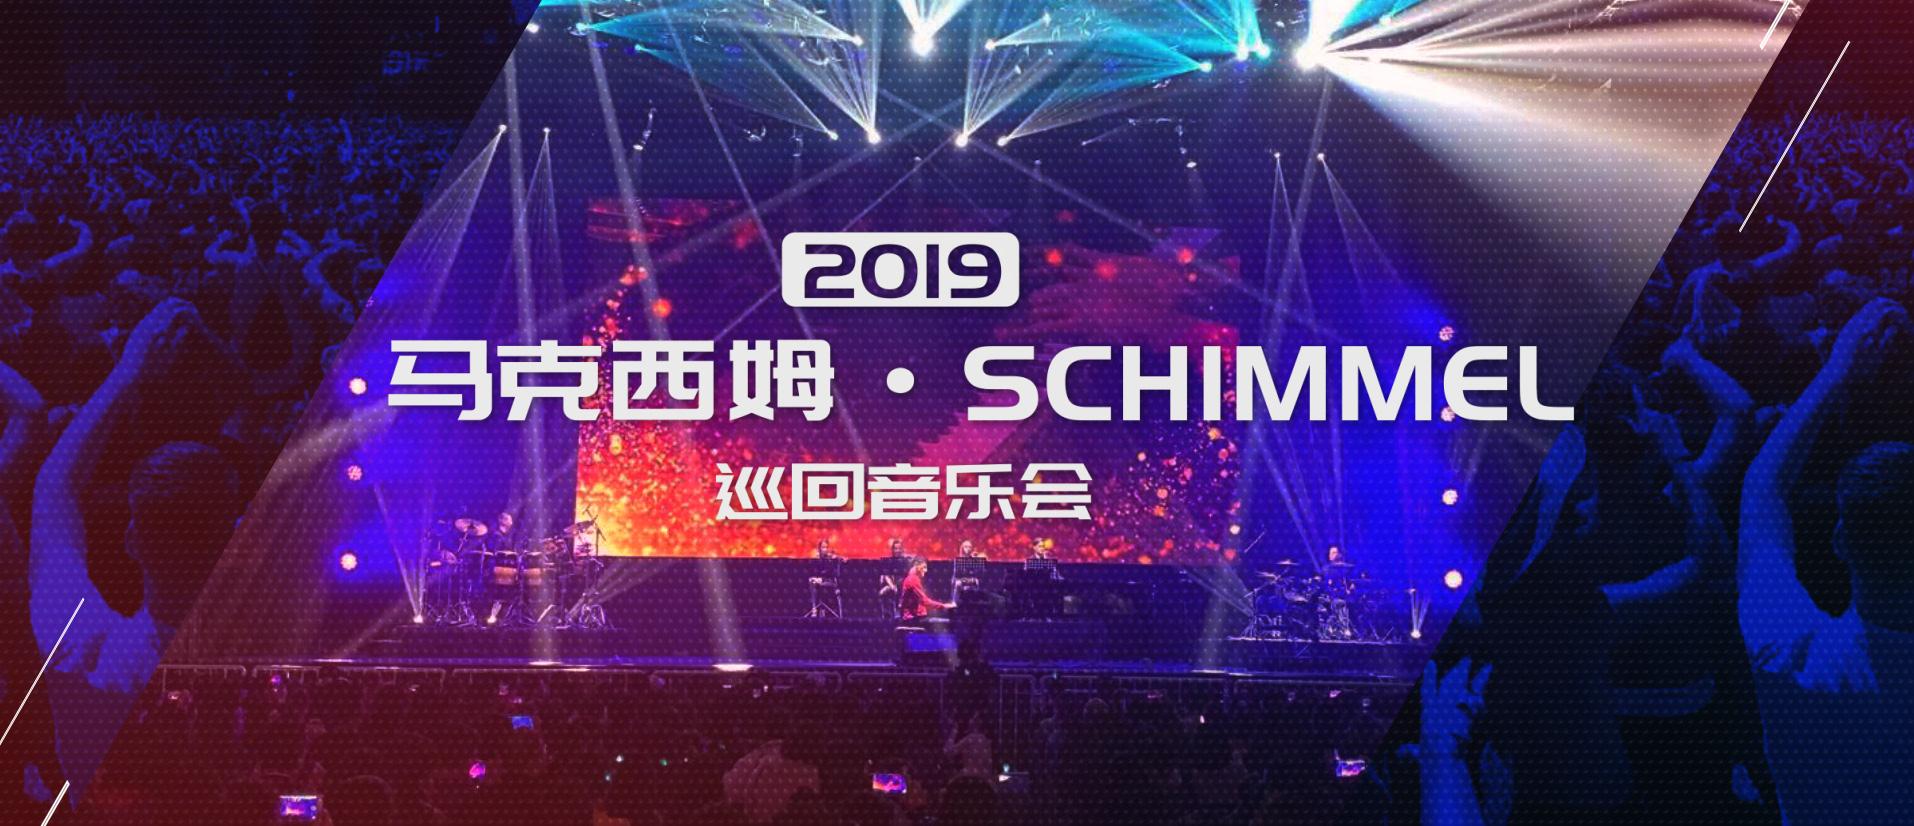 冬季巡礼   马克西姆携SCHIMMEL钢琴奏响郑州激情之夜